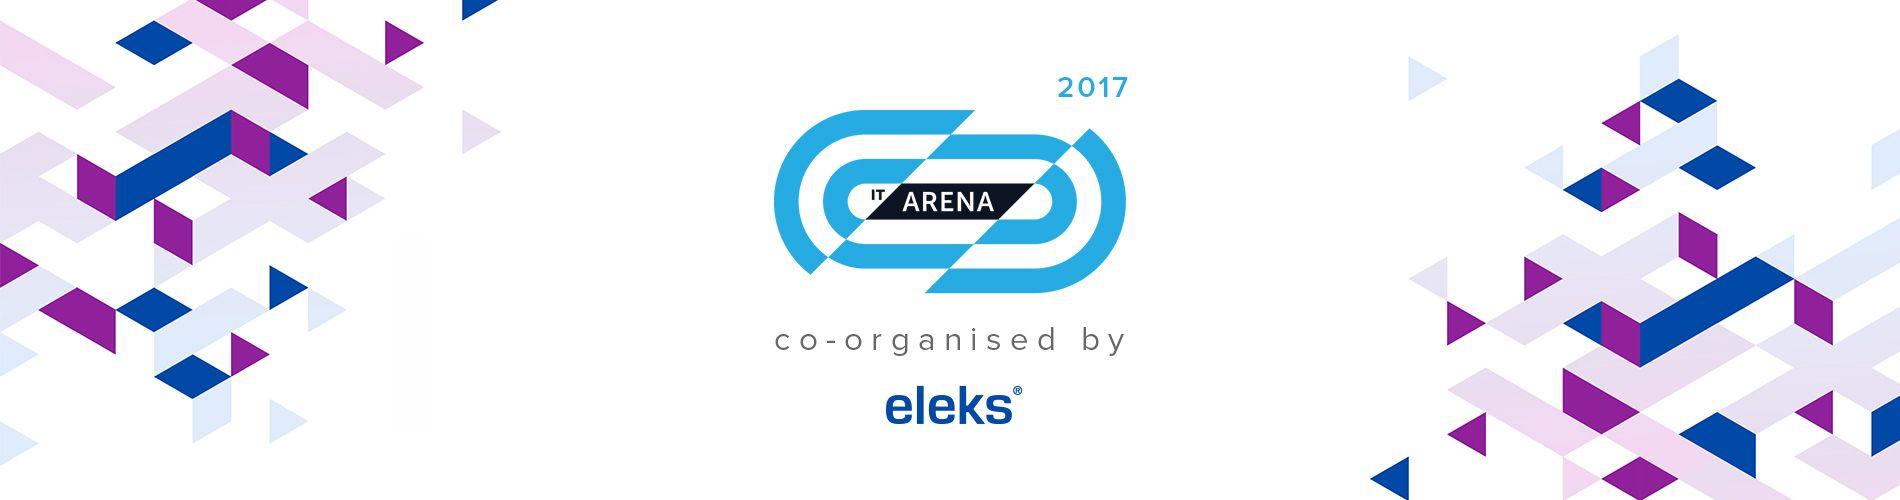 eleks it arena